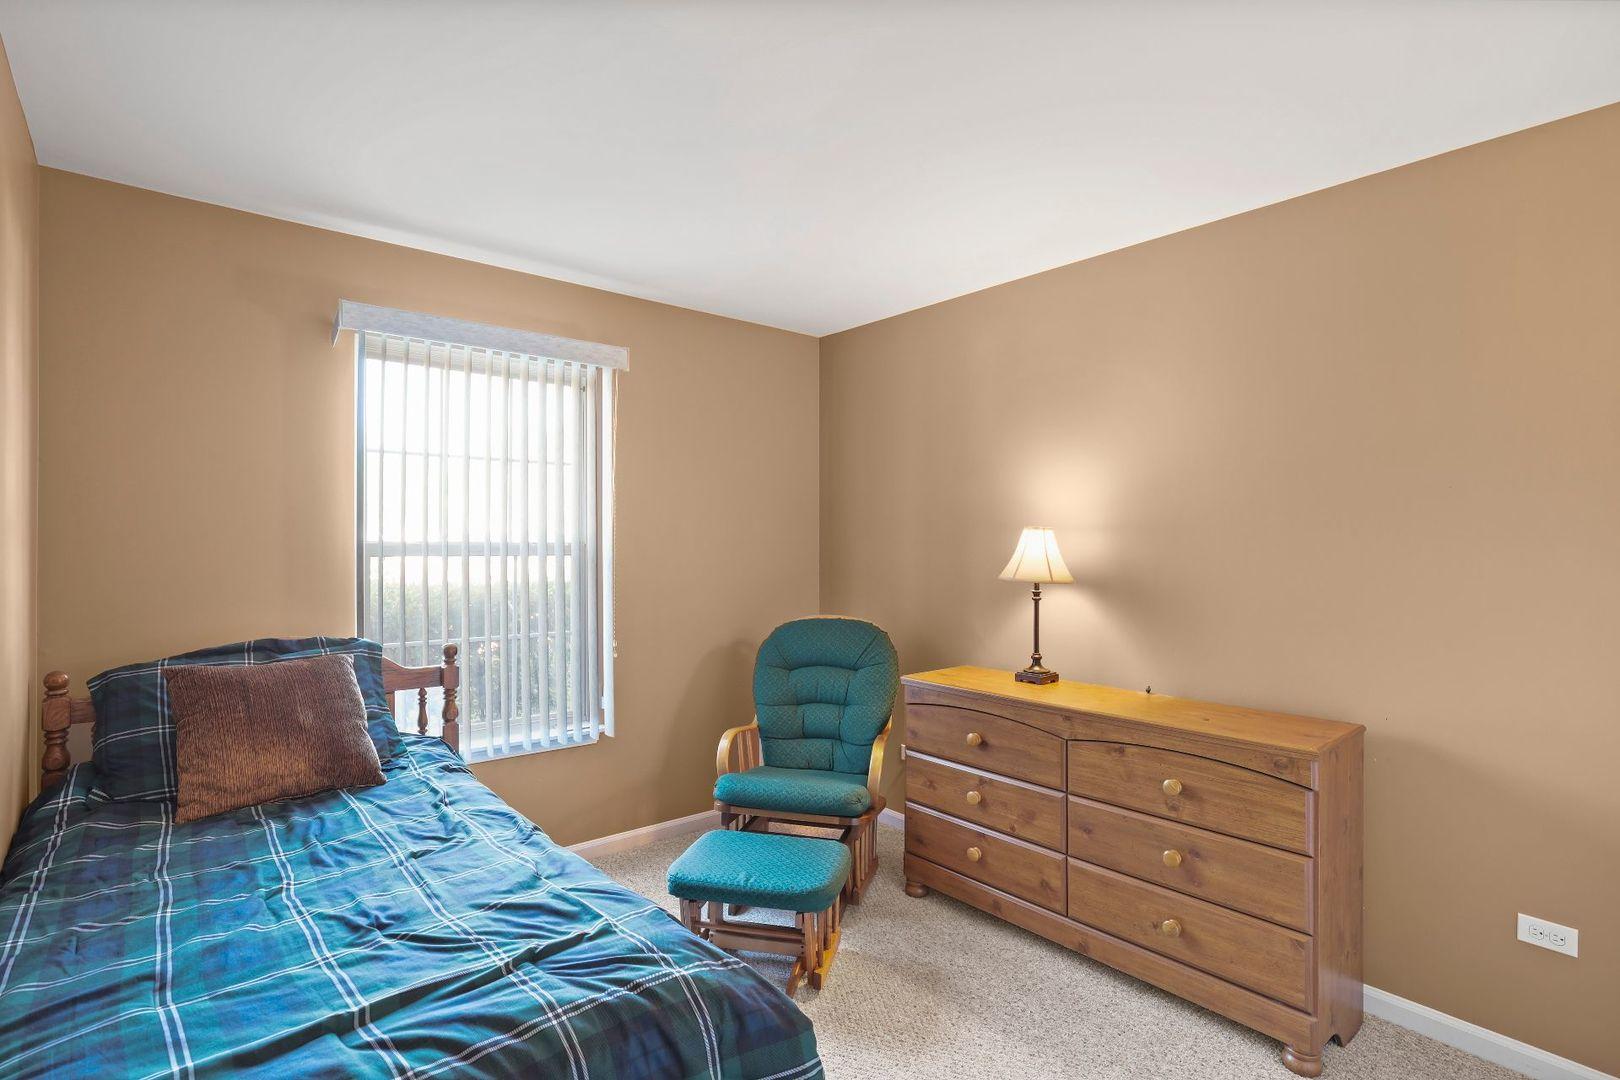 1195 Talbots 1195, ELK GROVE VILLAGE, Illinois, 60007